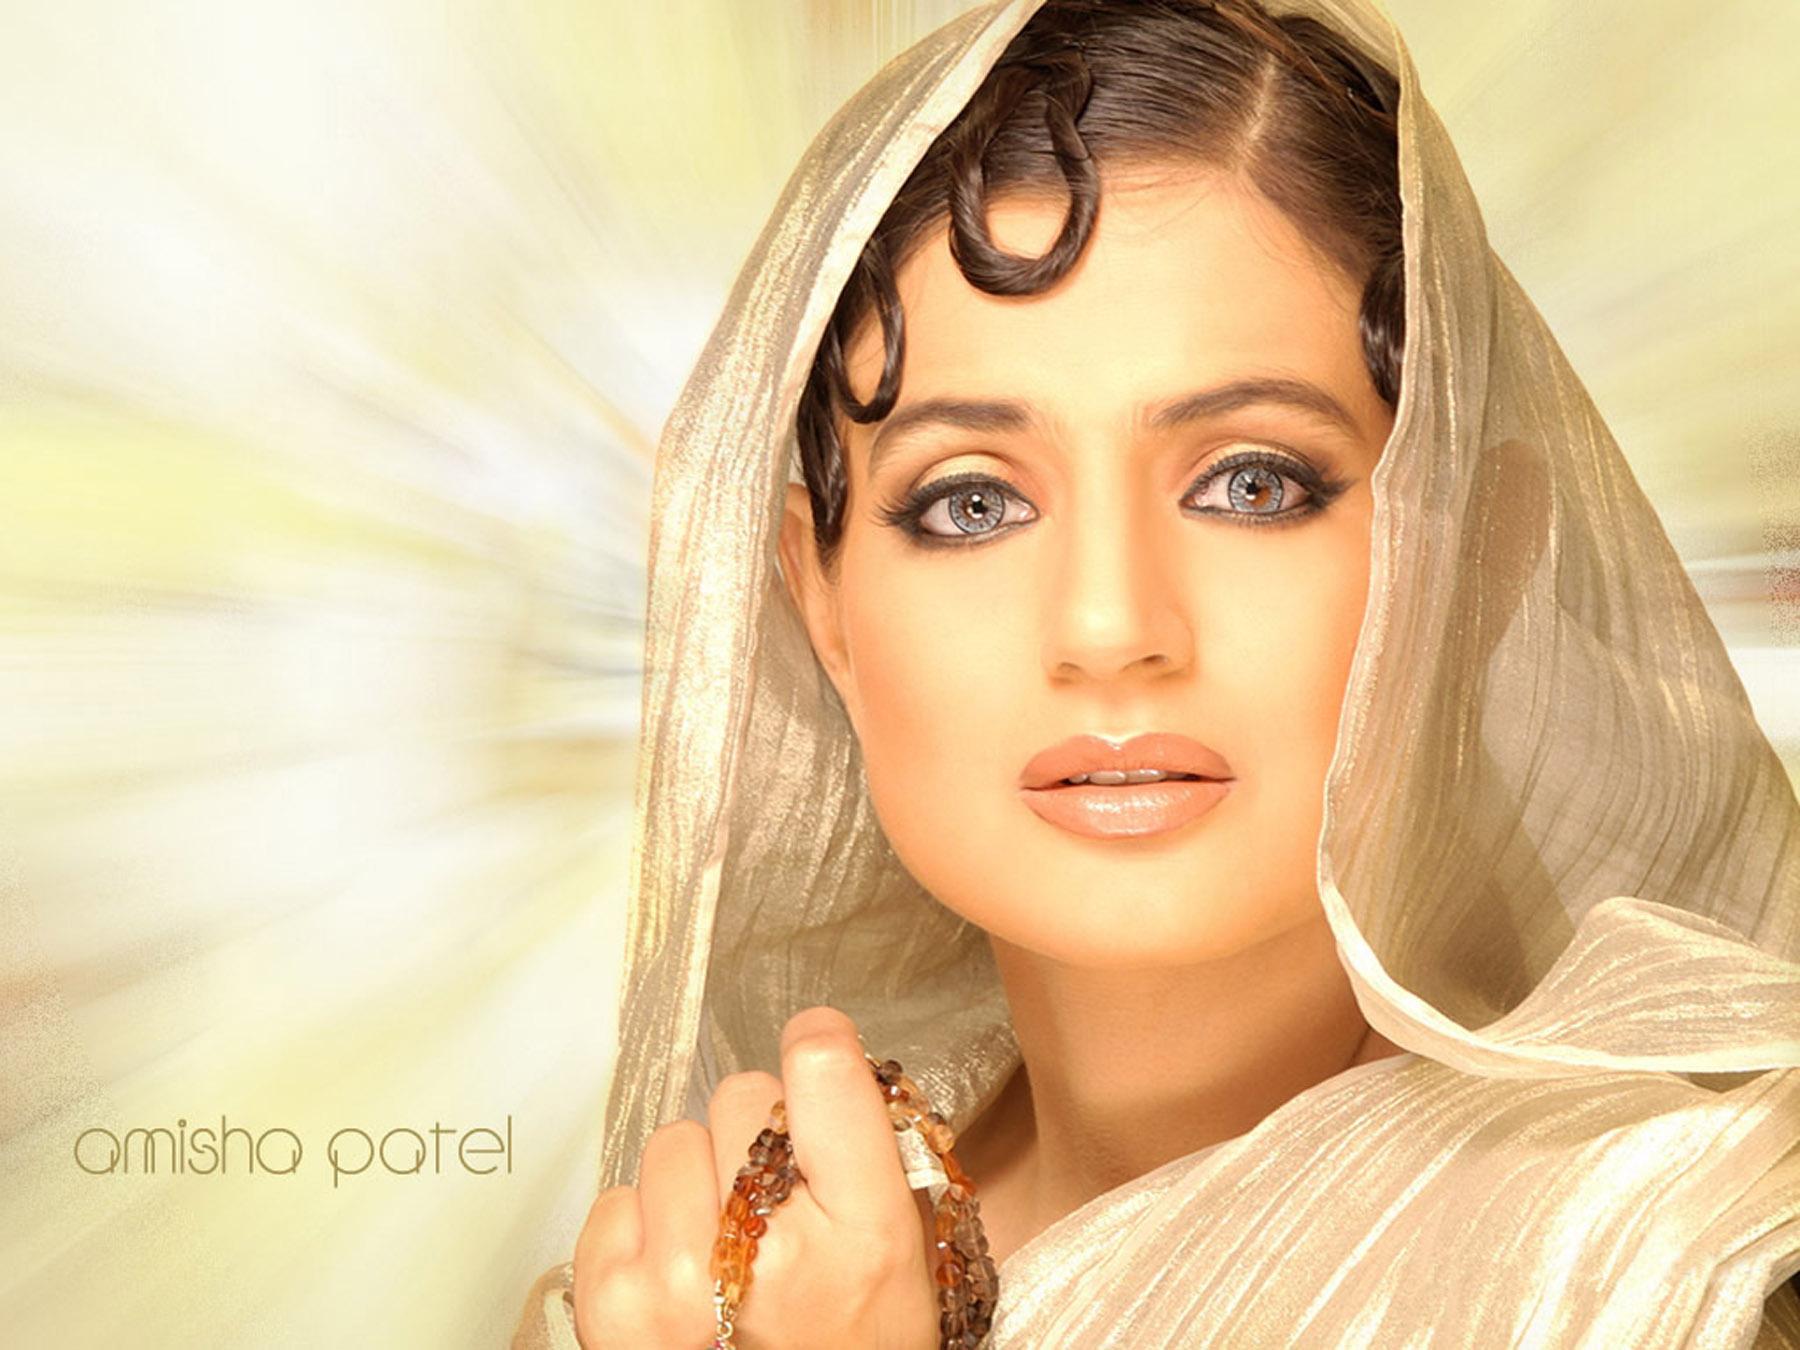 印度美女图片_最具人气的印度美女